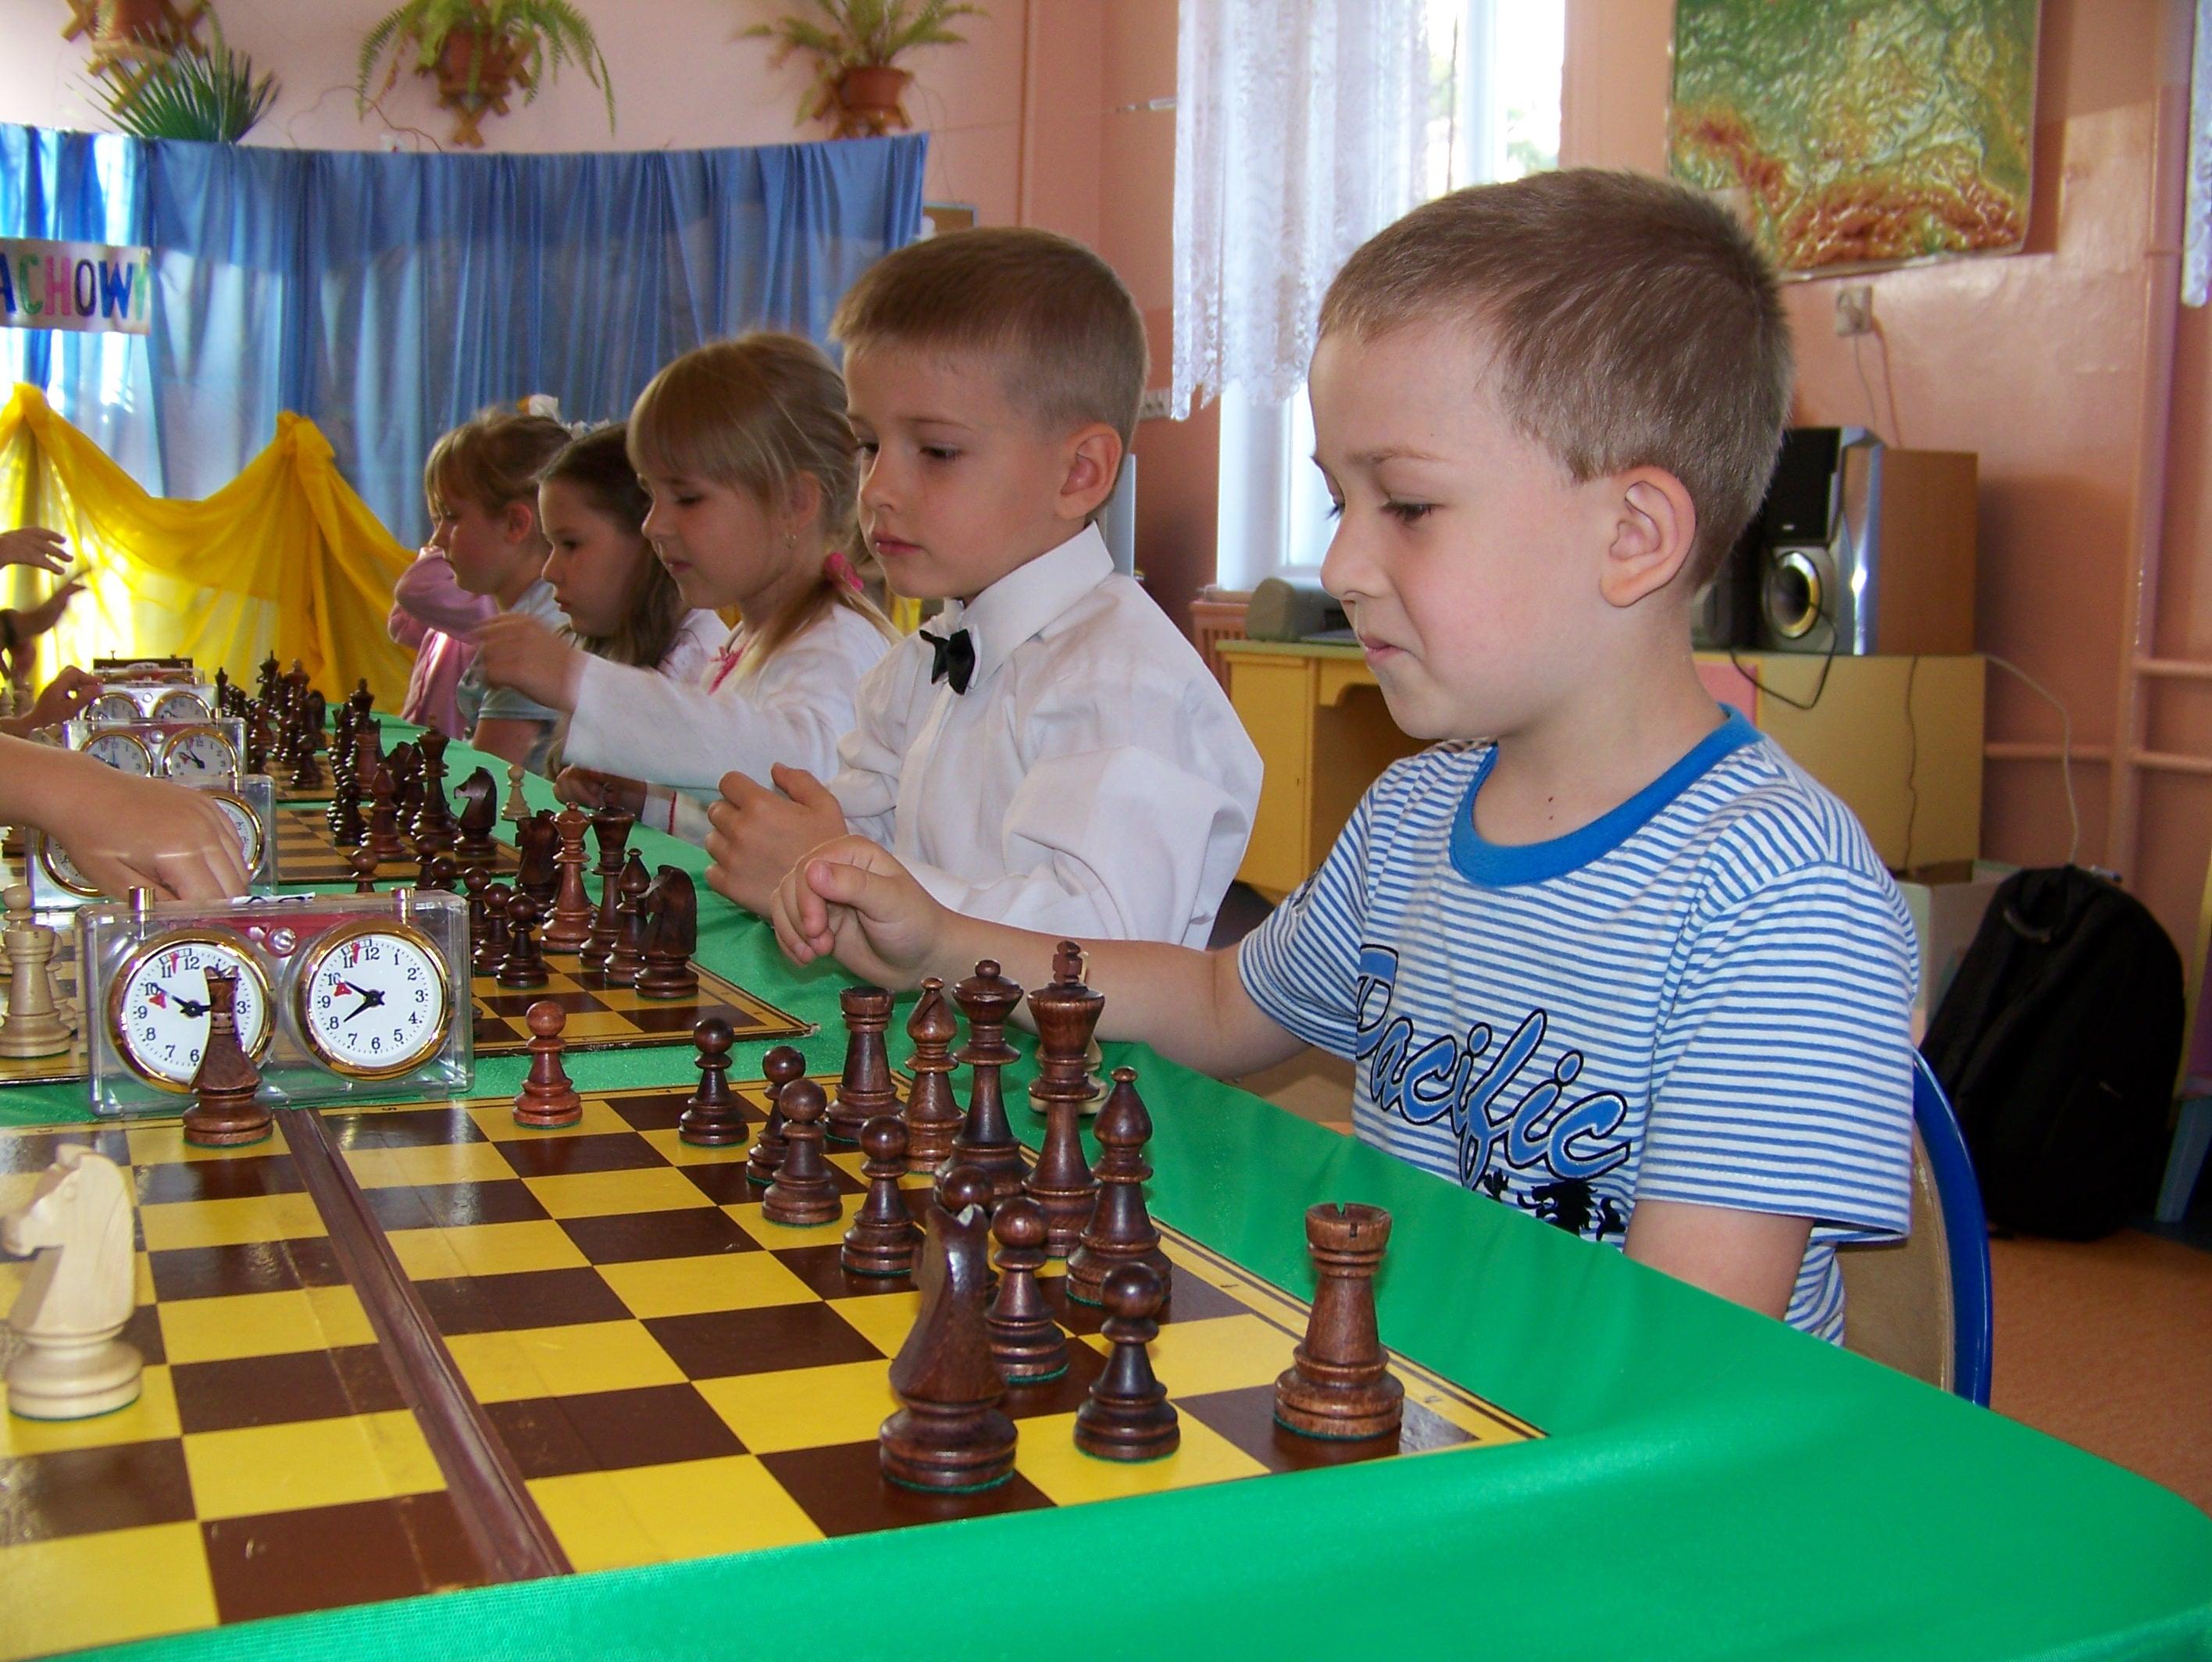 III Turniej Szachowy o Mistrzostwo Przedszkola Miejskiego Nr 6 w Świdnicy, 10.06.2011